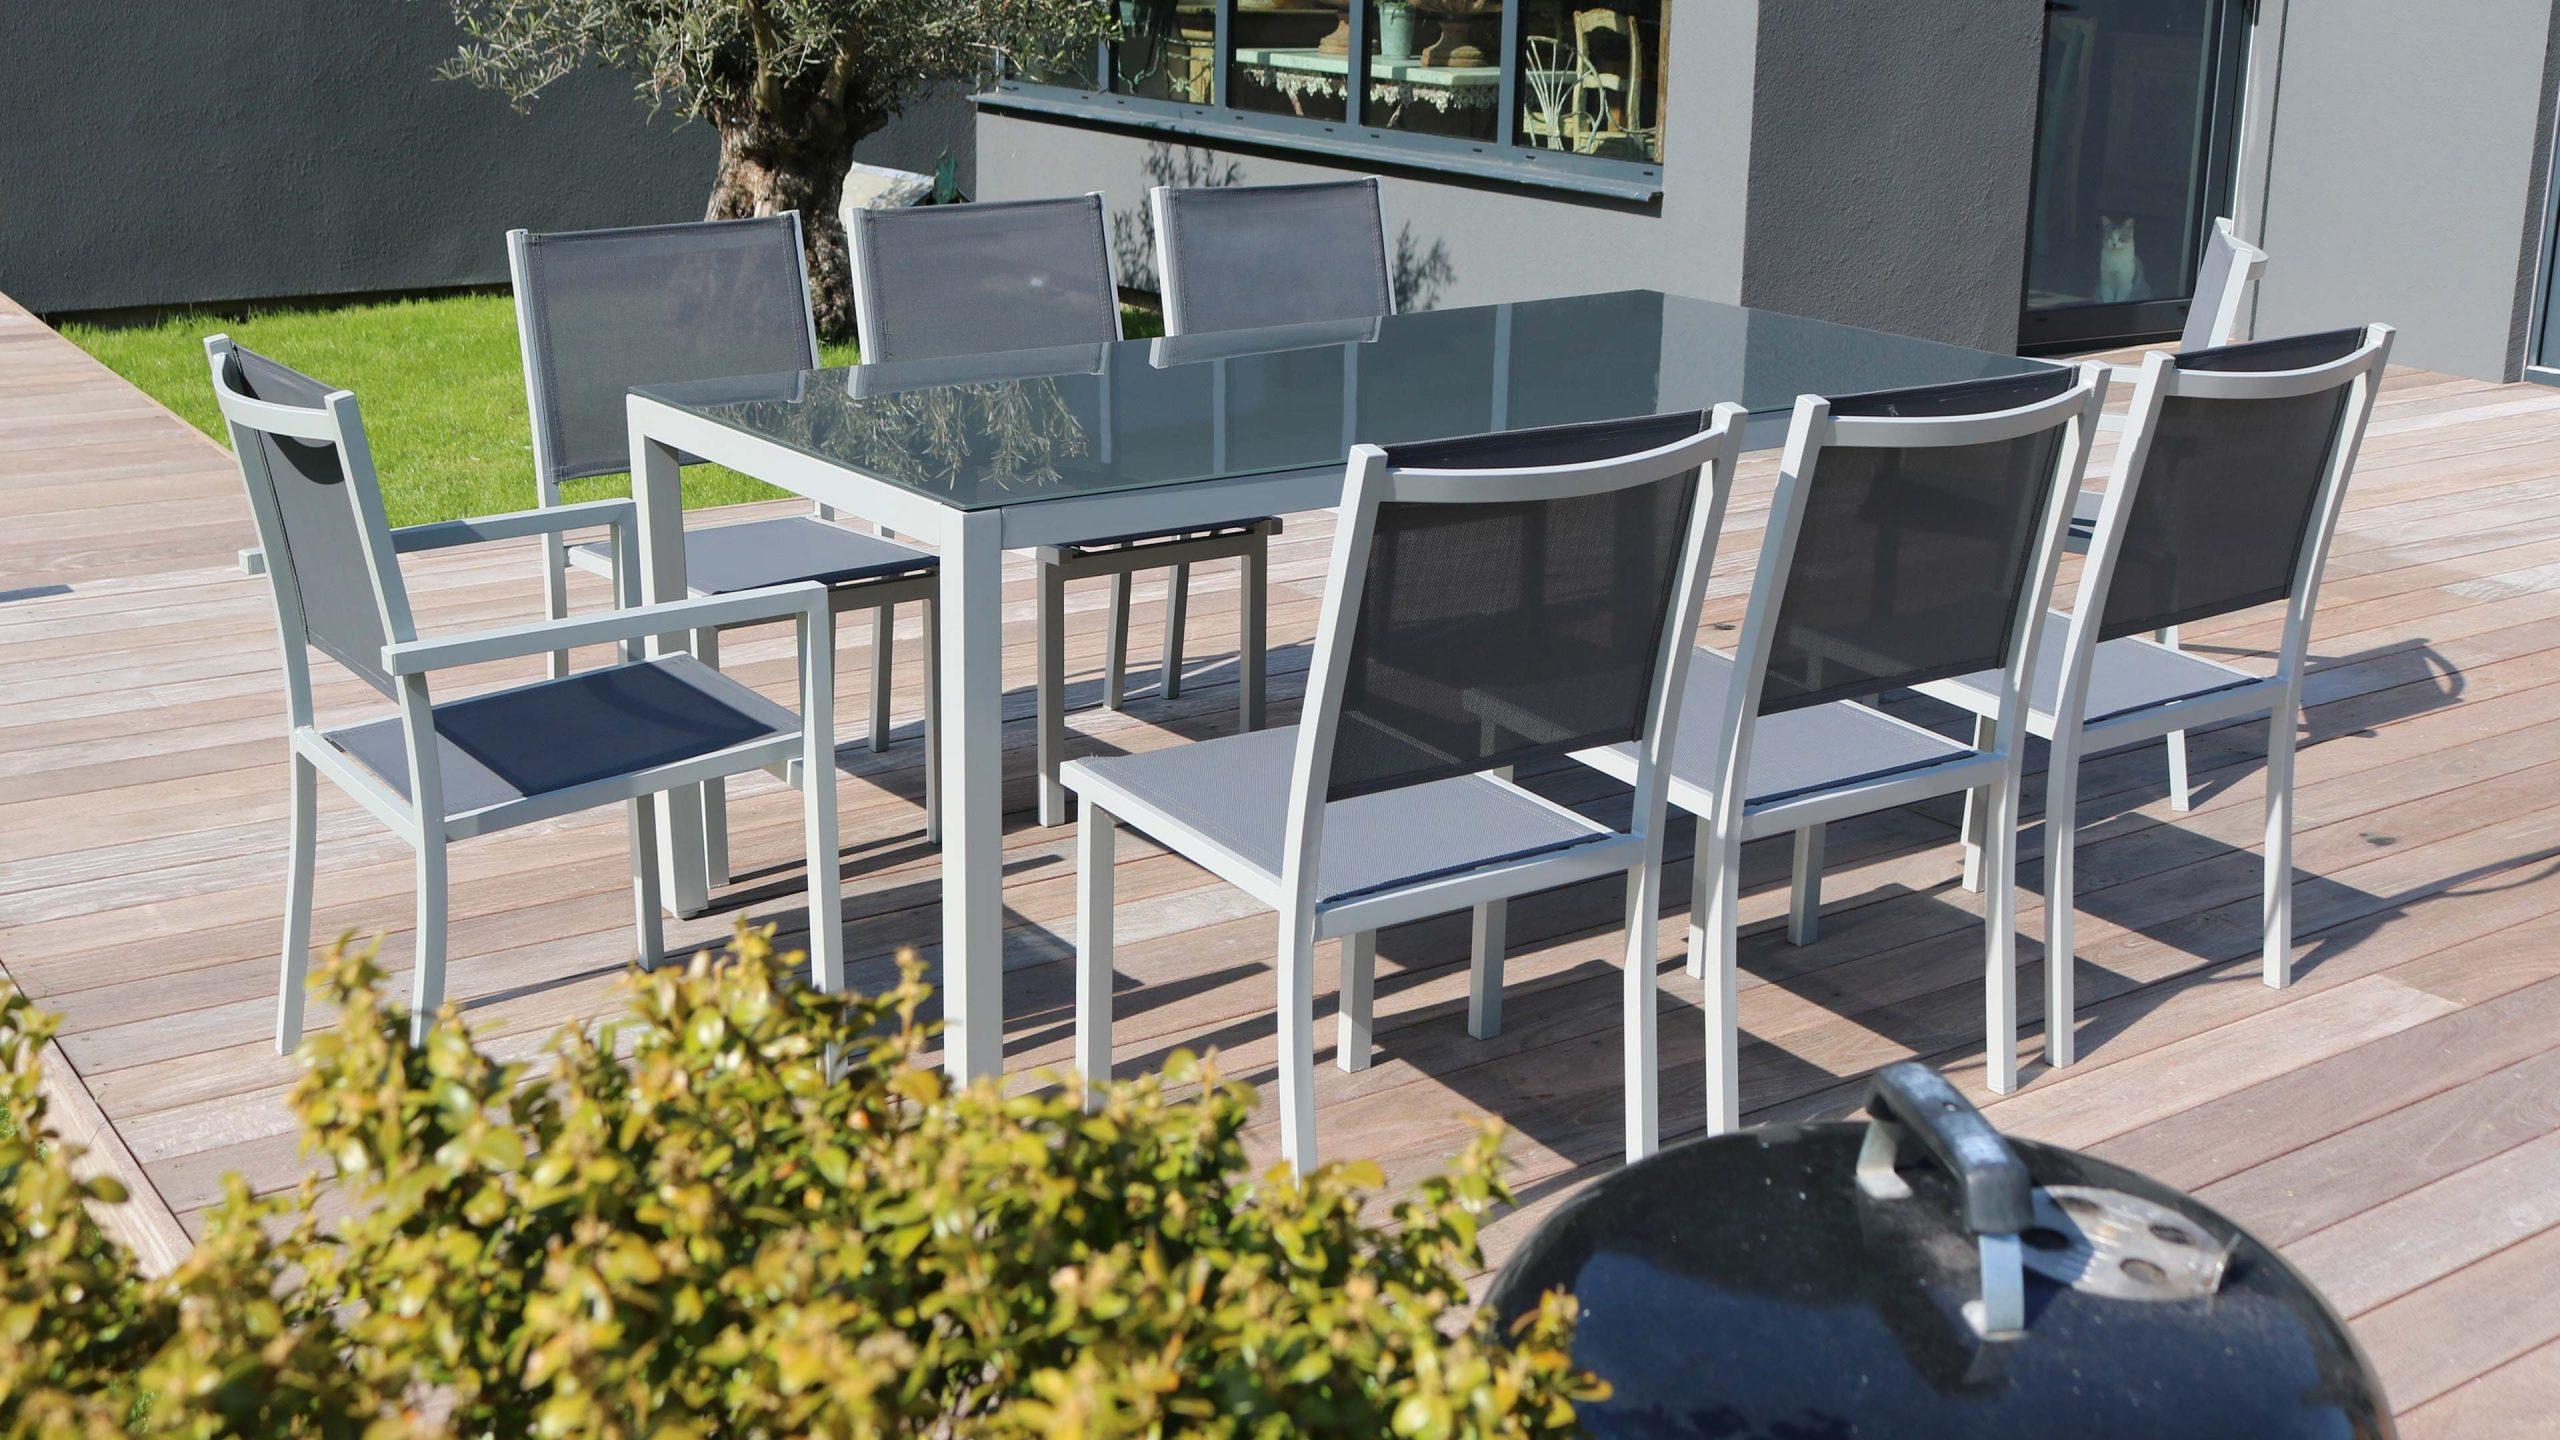 Salon De Jardin Aluminium Table De Jardin 8 Places destiné Salon De Jardin Aluminium Et Verre